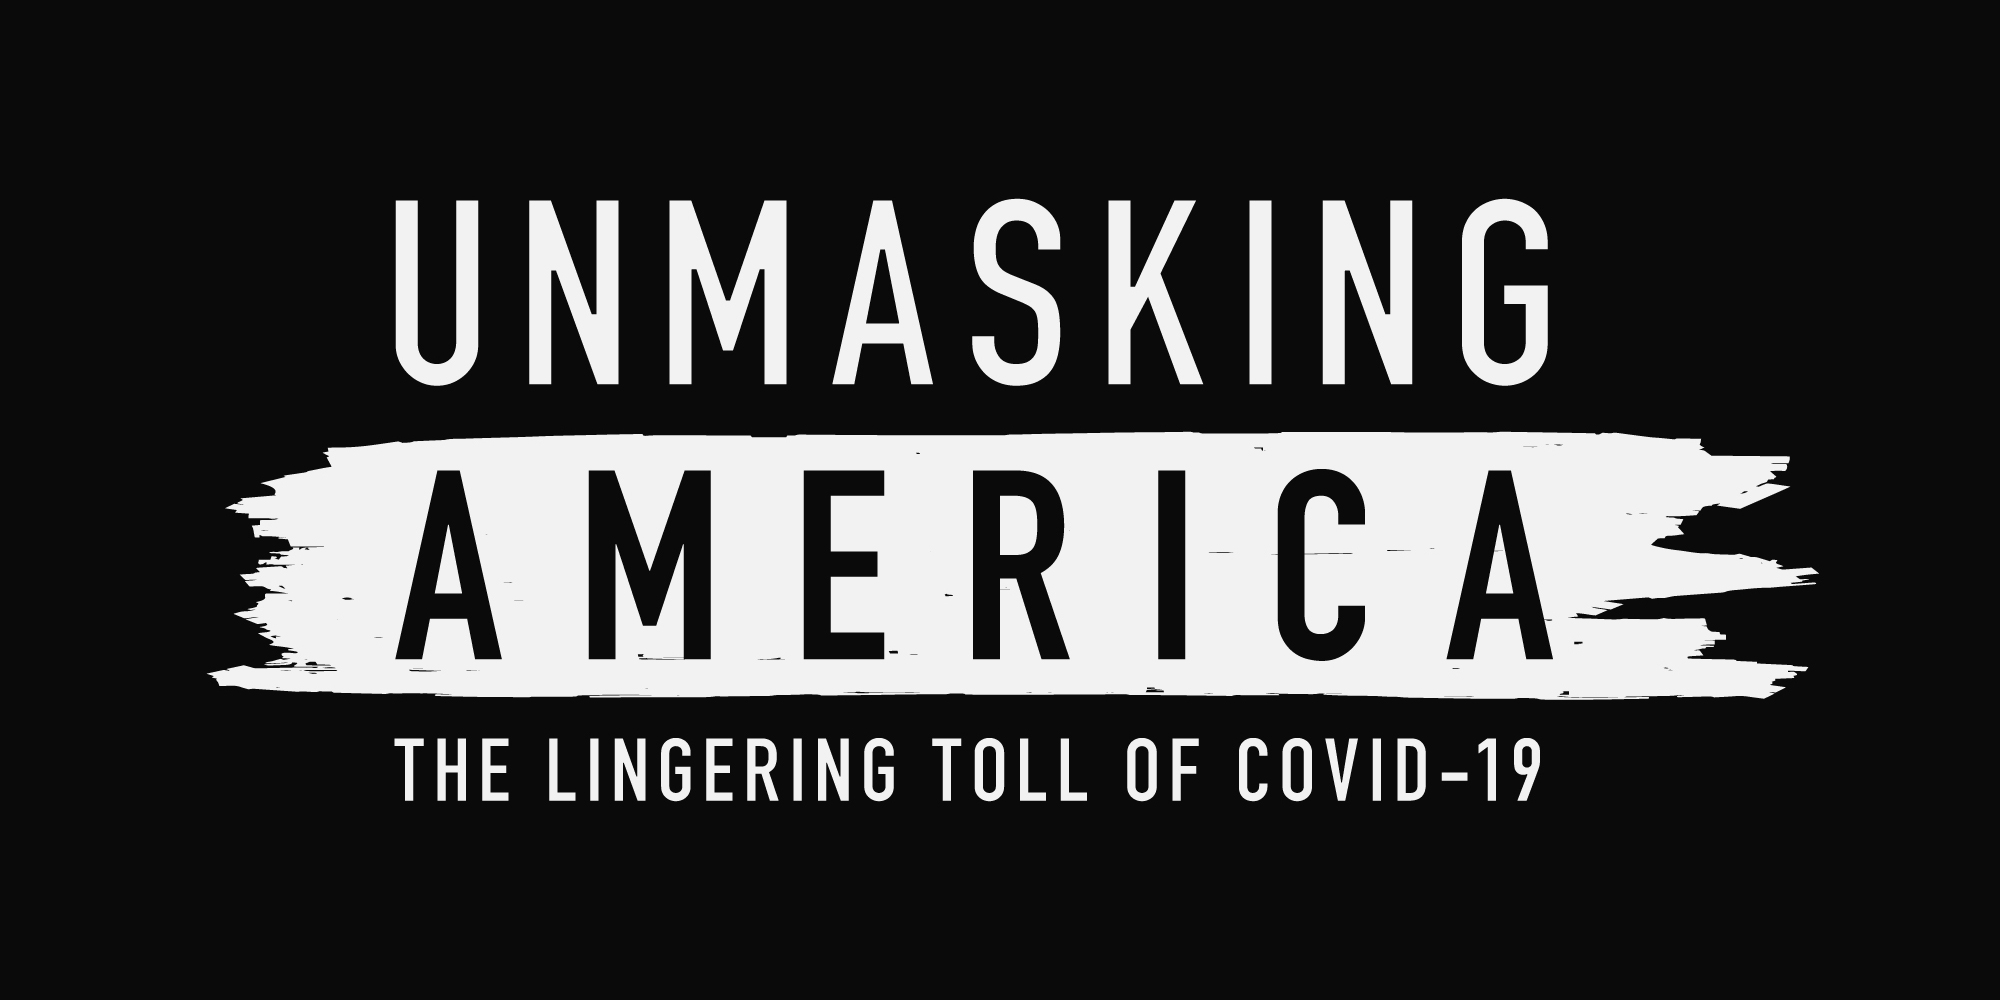 Unmasking America